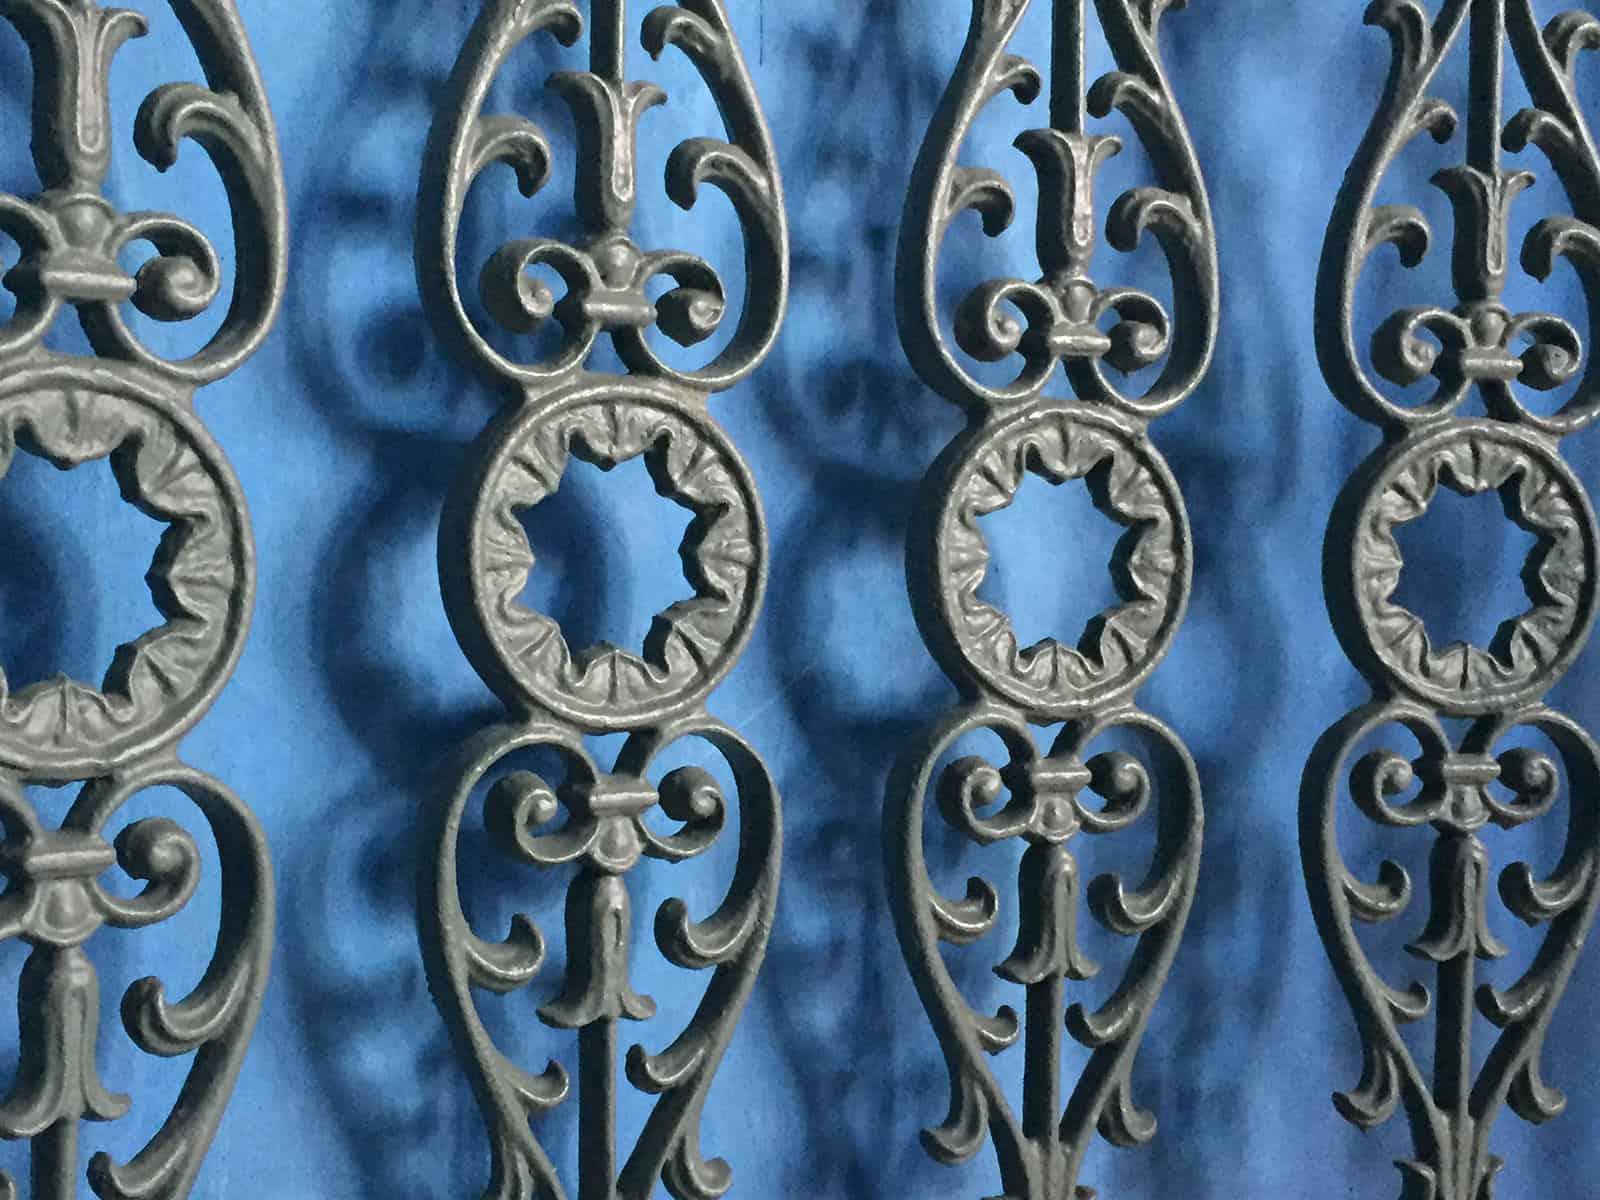 boutique-hotel-penang-island-blue-mansion-architecture-17_jtfq5p Architecture